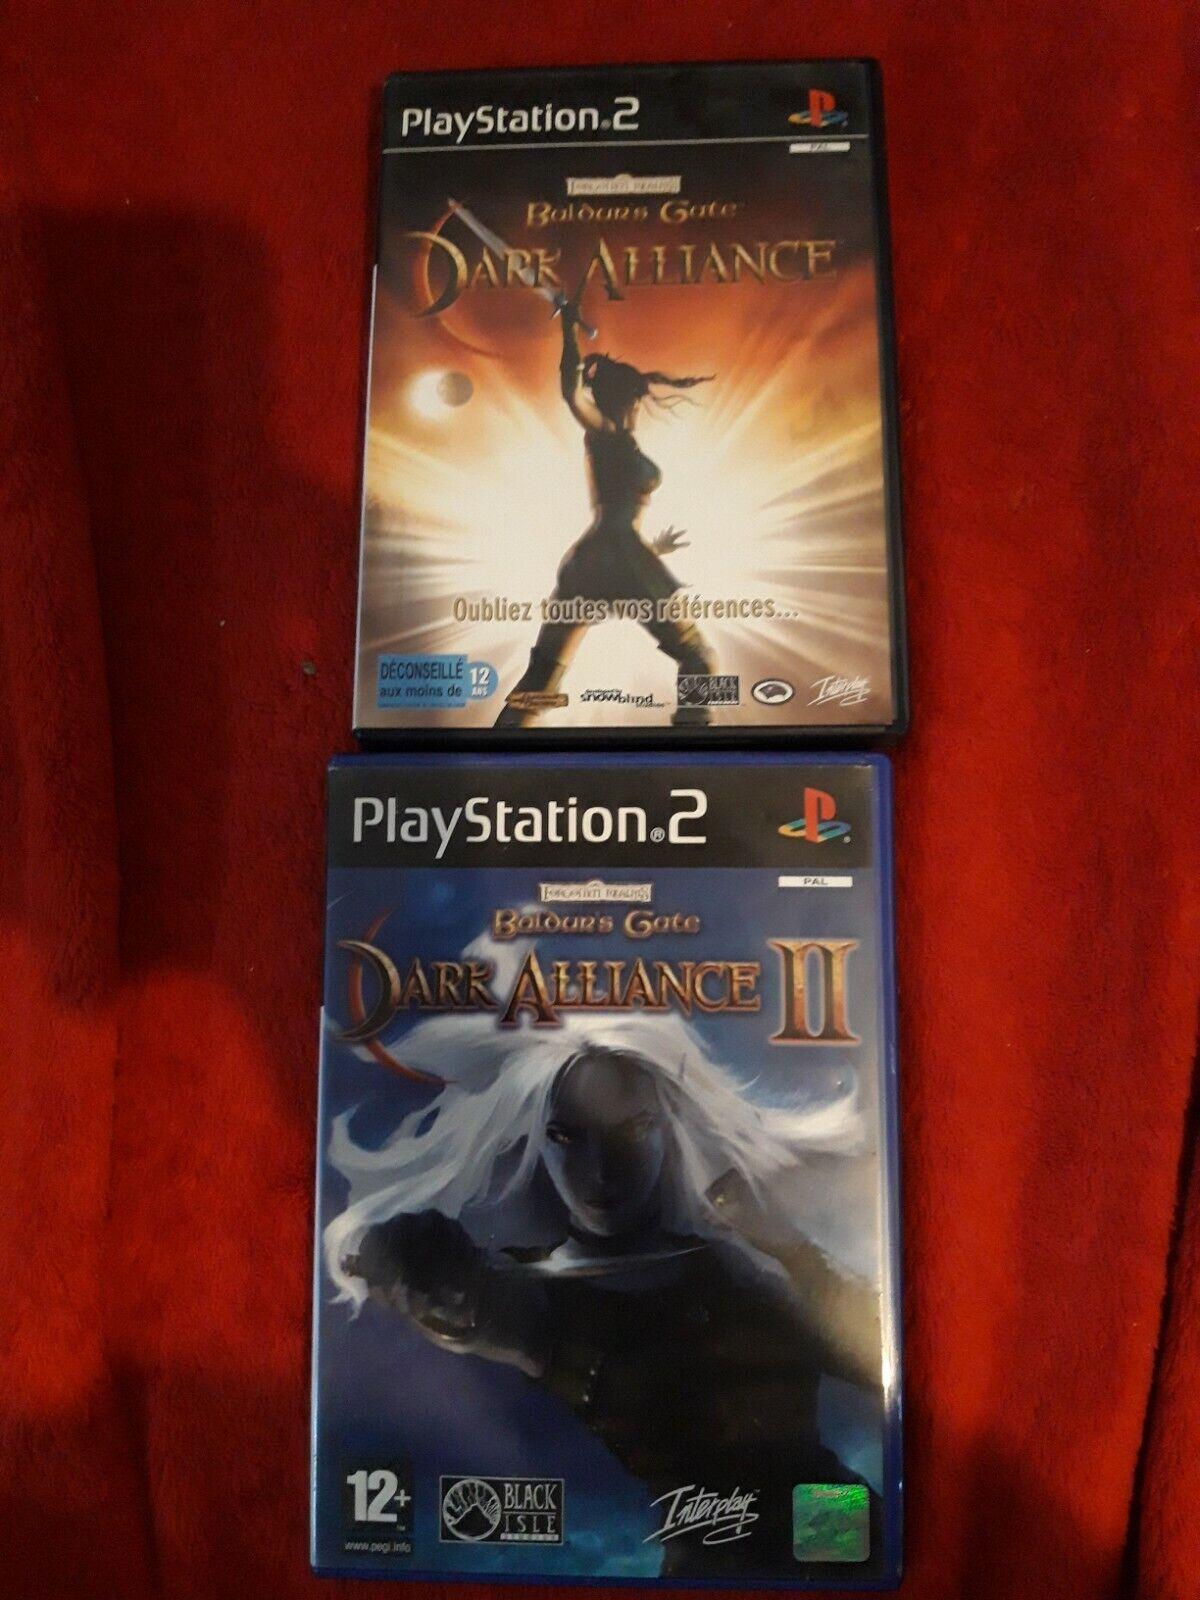 jeux ps2 Baldur's Gate :Dark Alliance I et II pal francais